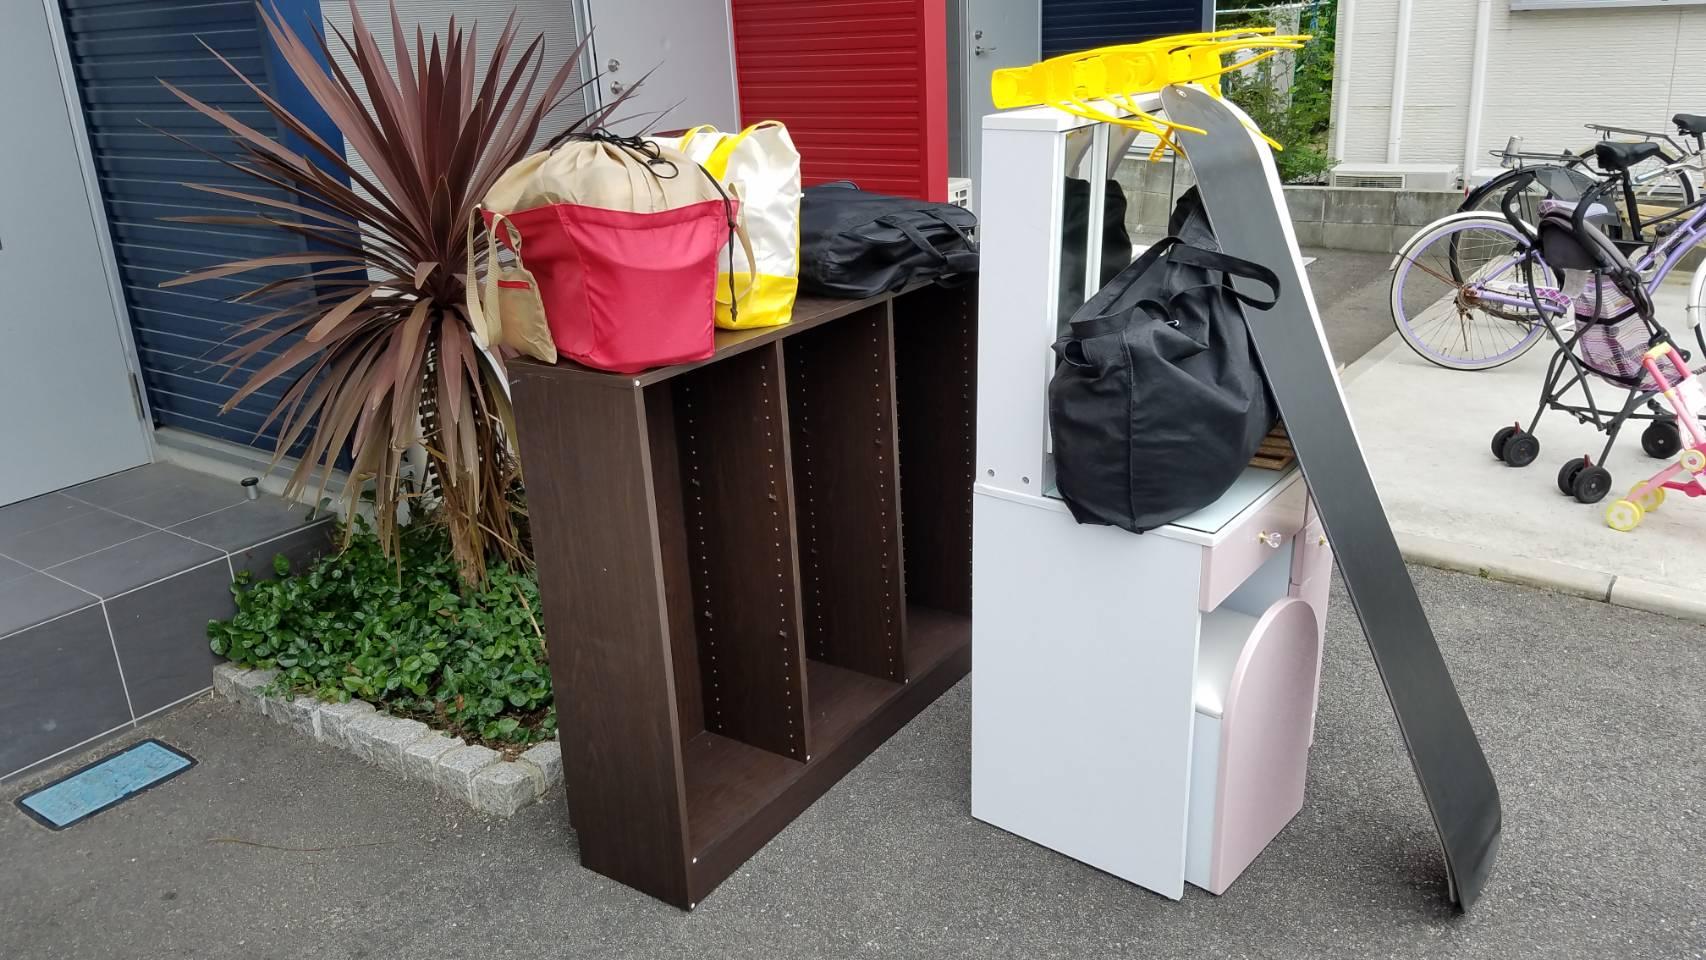 ドレッサー、本棚、その他小物類の回収前